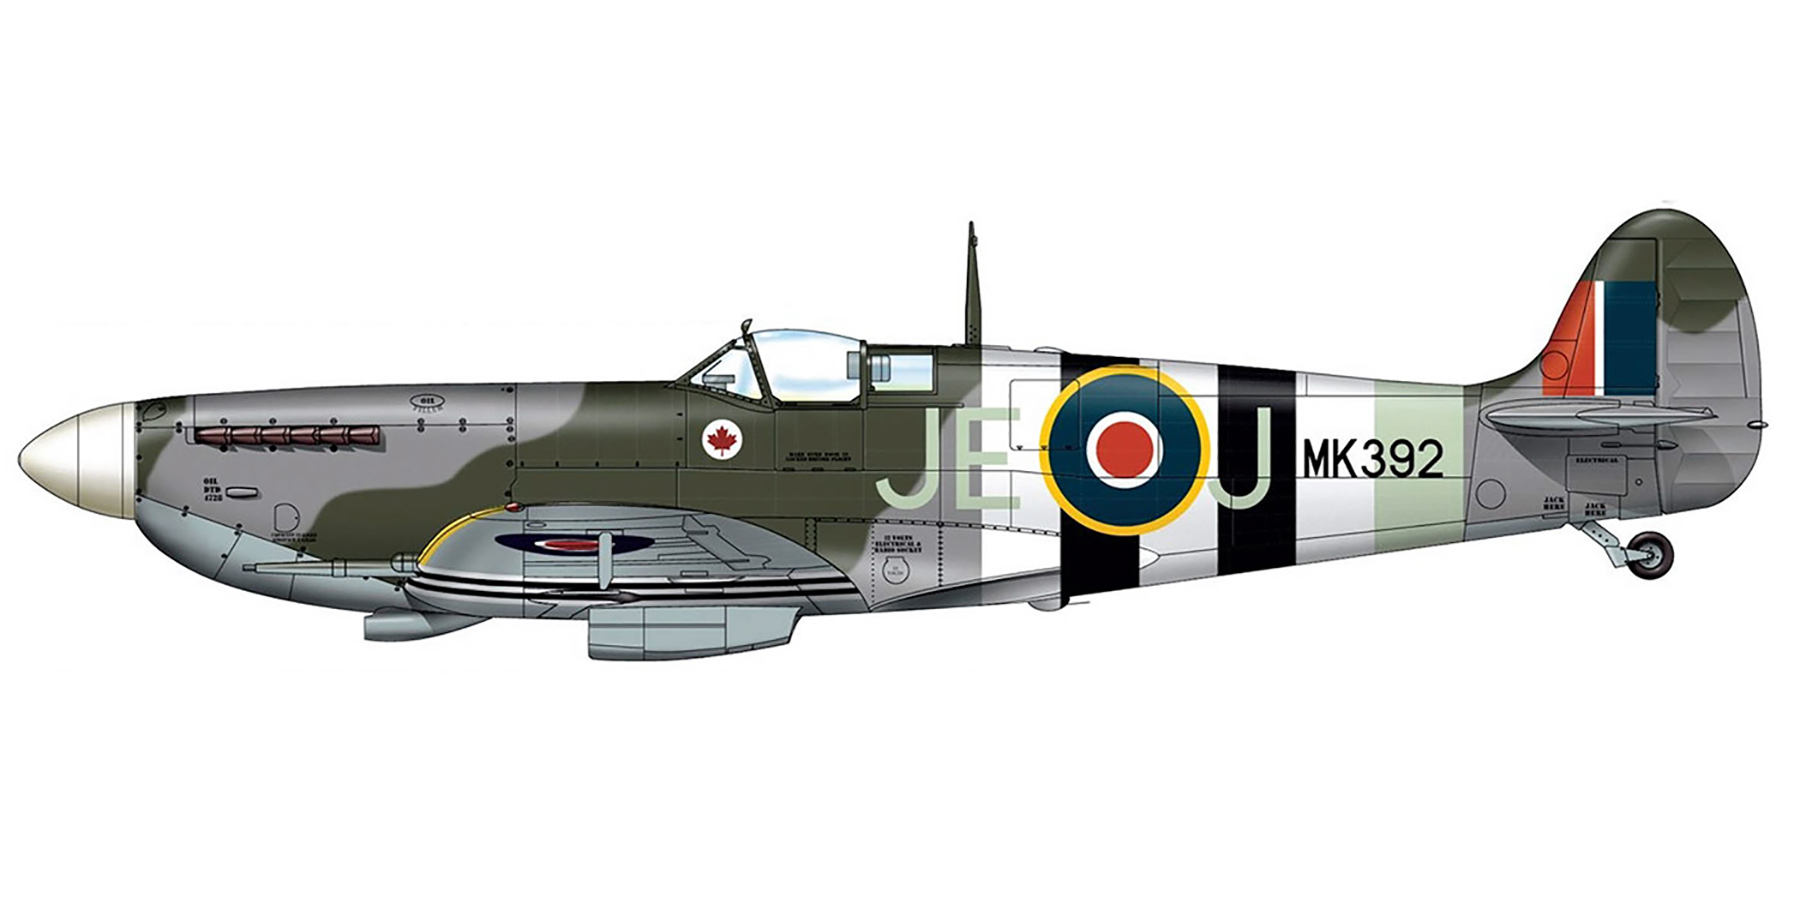 Spitfire LFIX RAF 144 Wing JEJ MK392 Johhnnie Johnson OC MK392 1944 0A